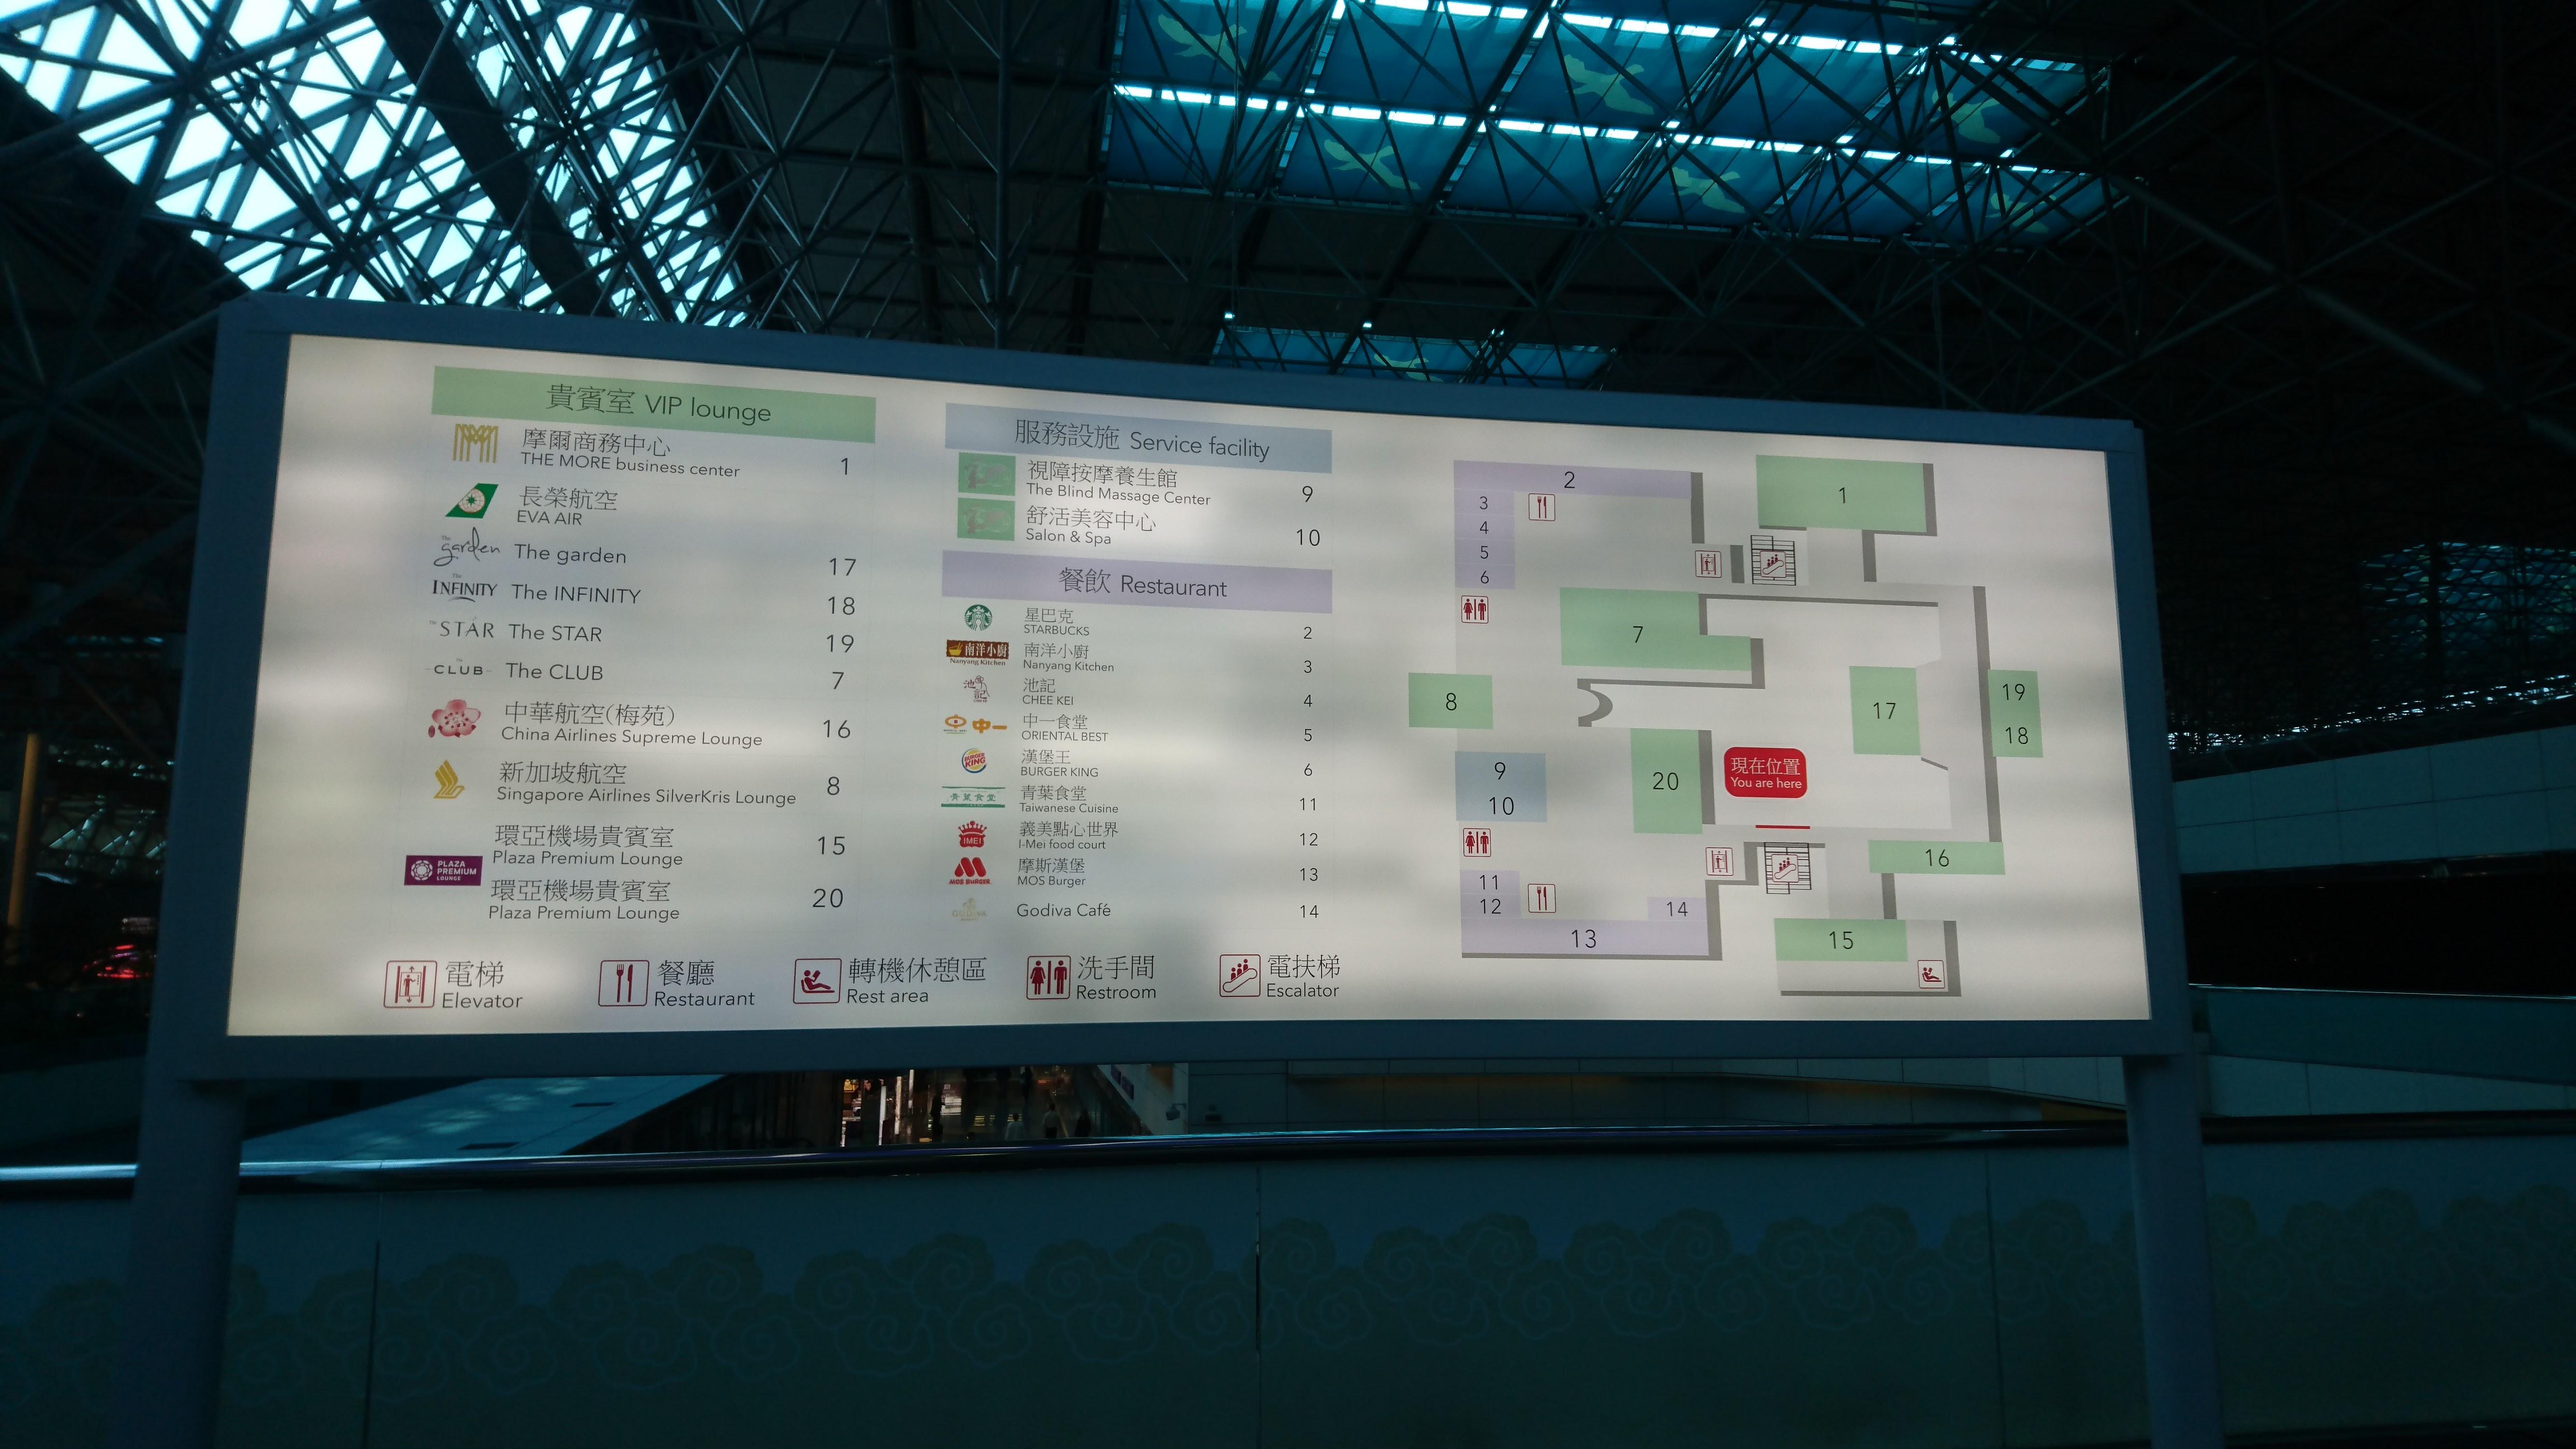 4階の地図がわかりすく掲載